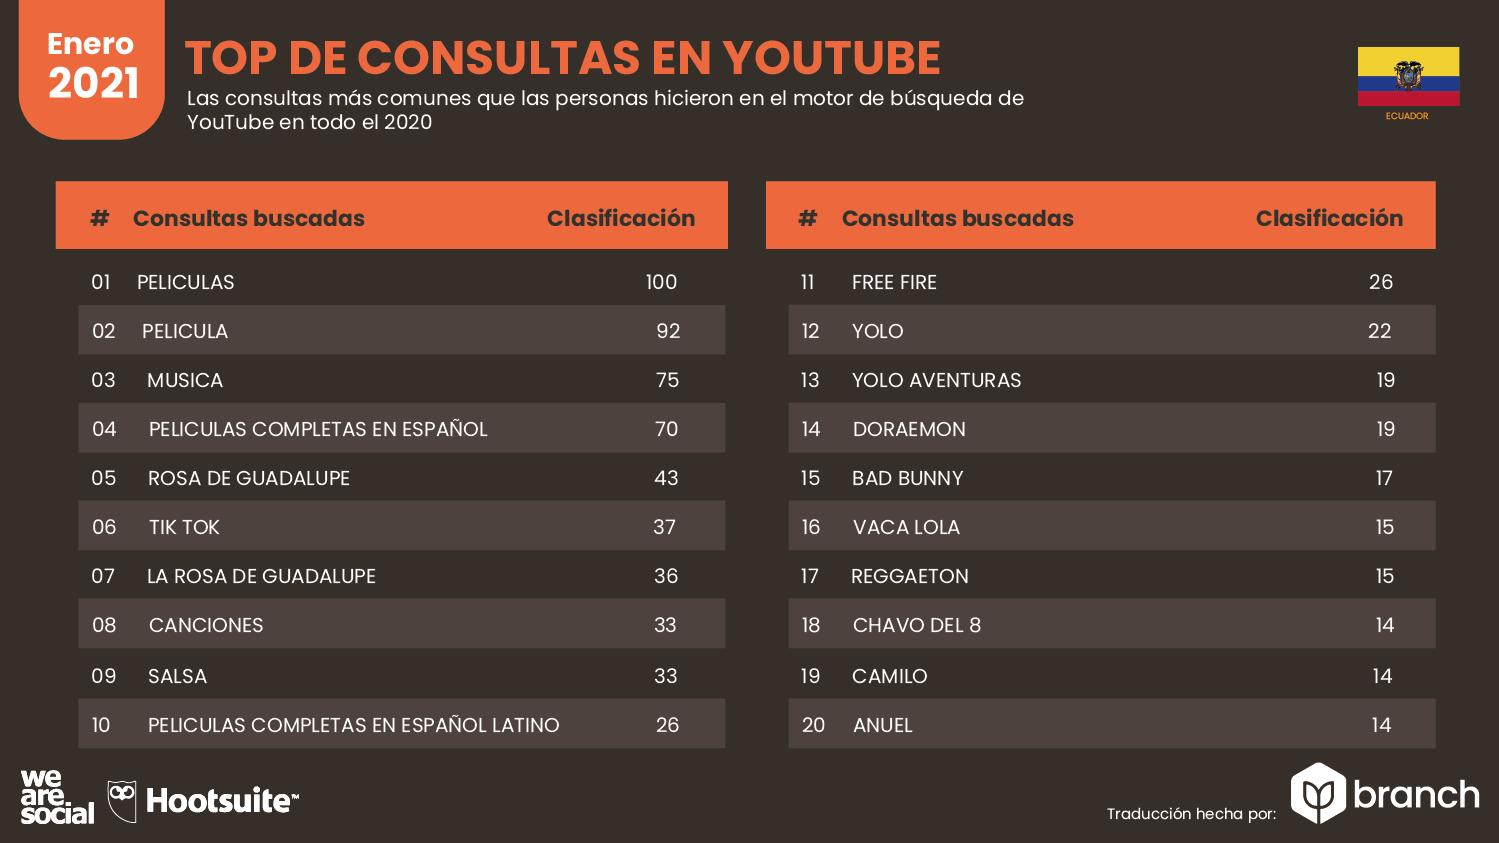 top-de-consultas-en-youtube-ecuador-2020-2021